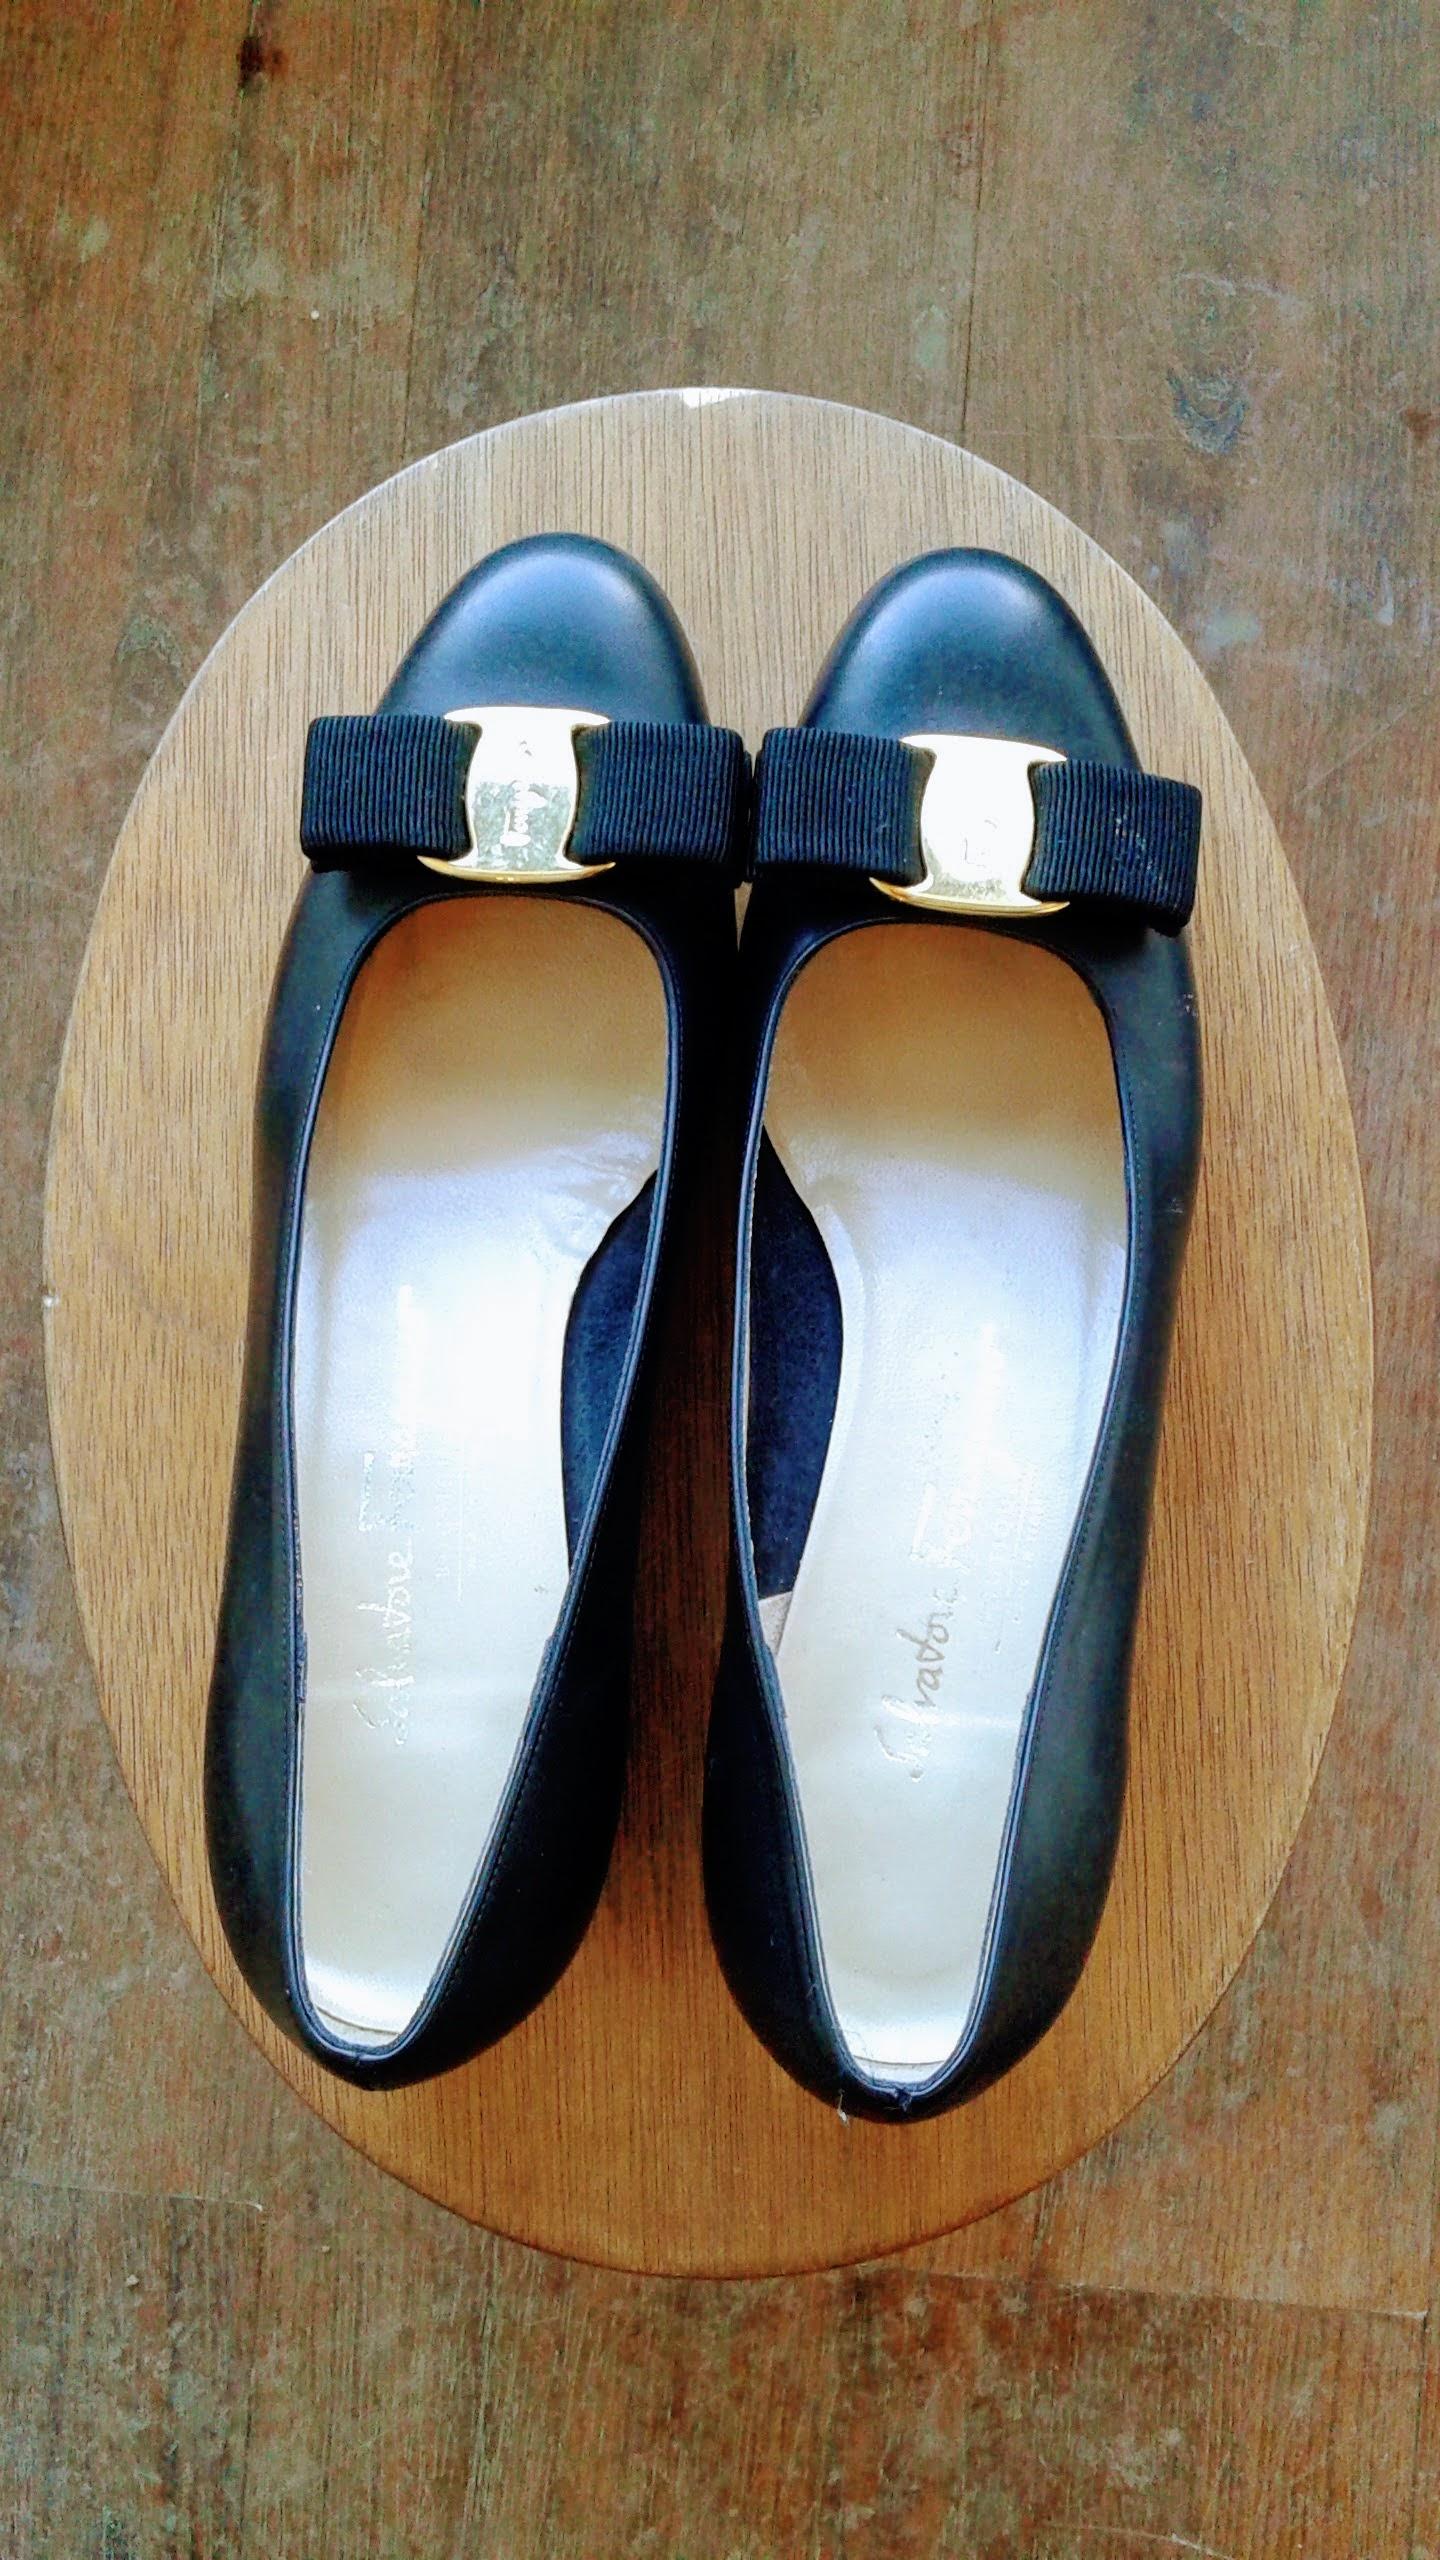 Ferragamo shoes; S6, $45